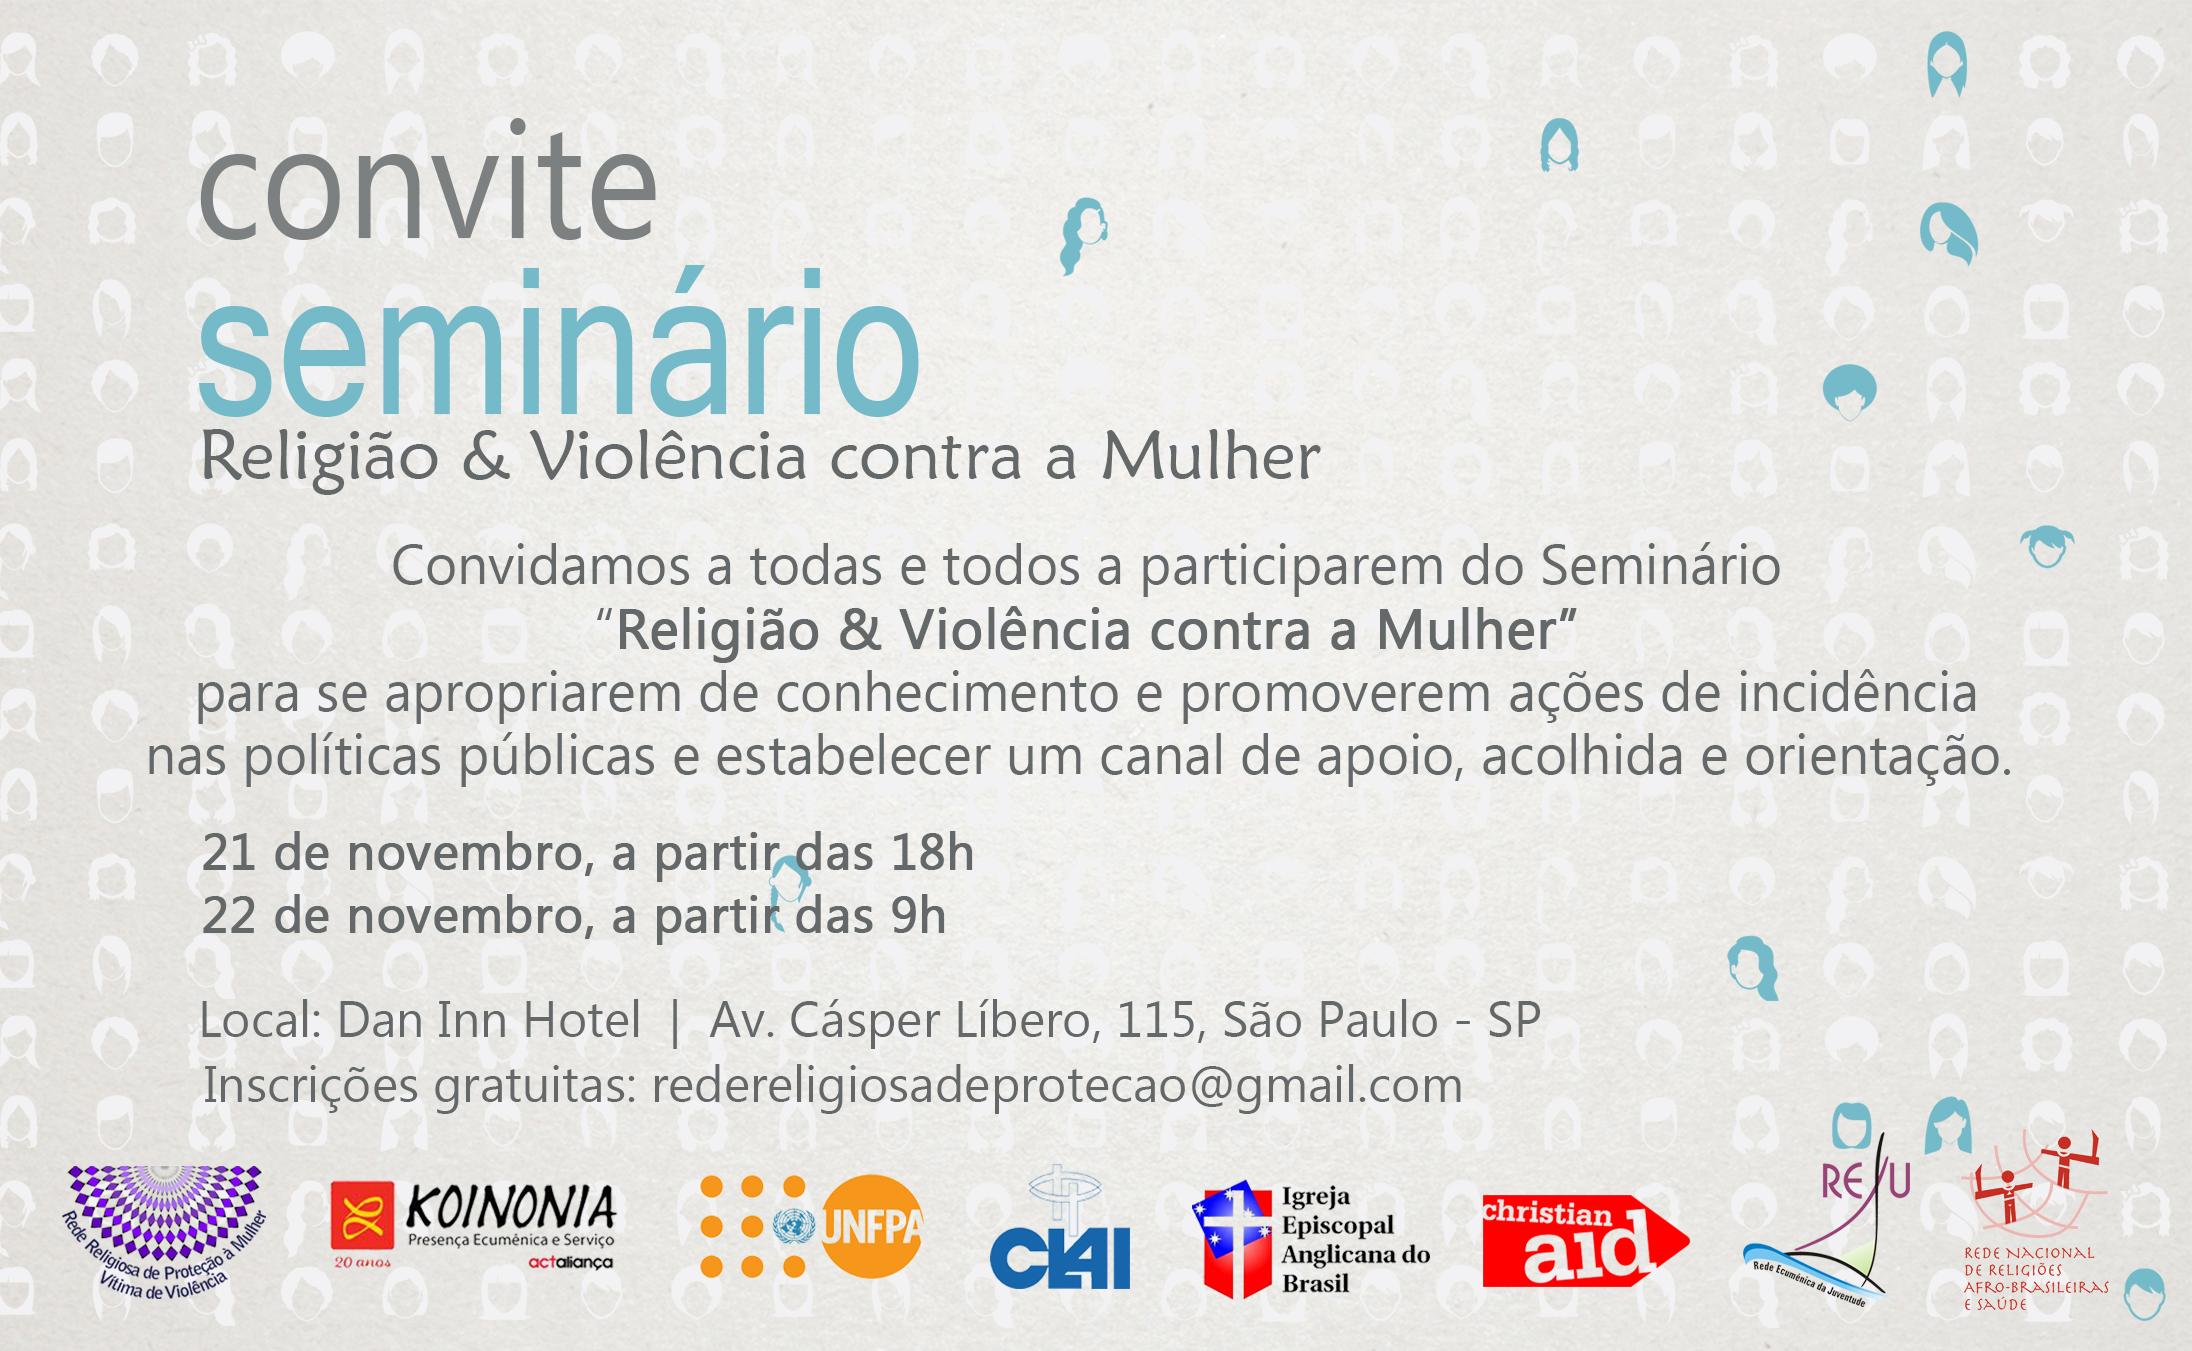 Seminário Religião & Violência contra a Mulher